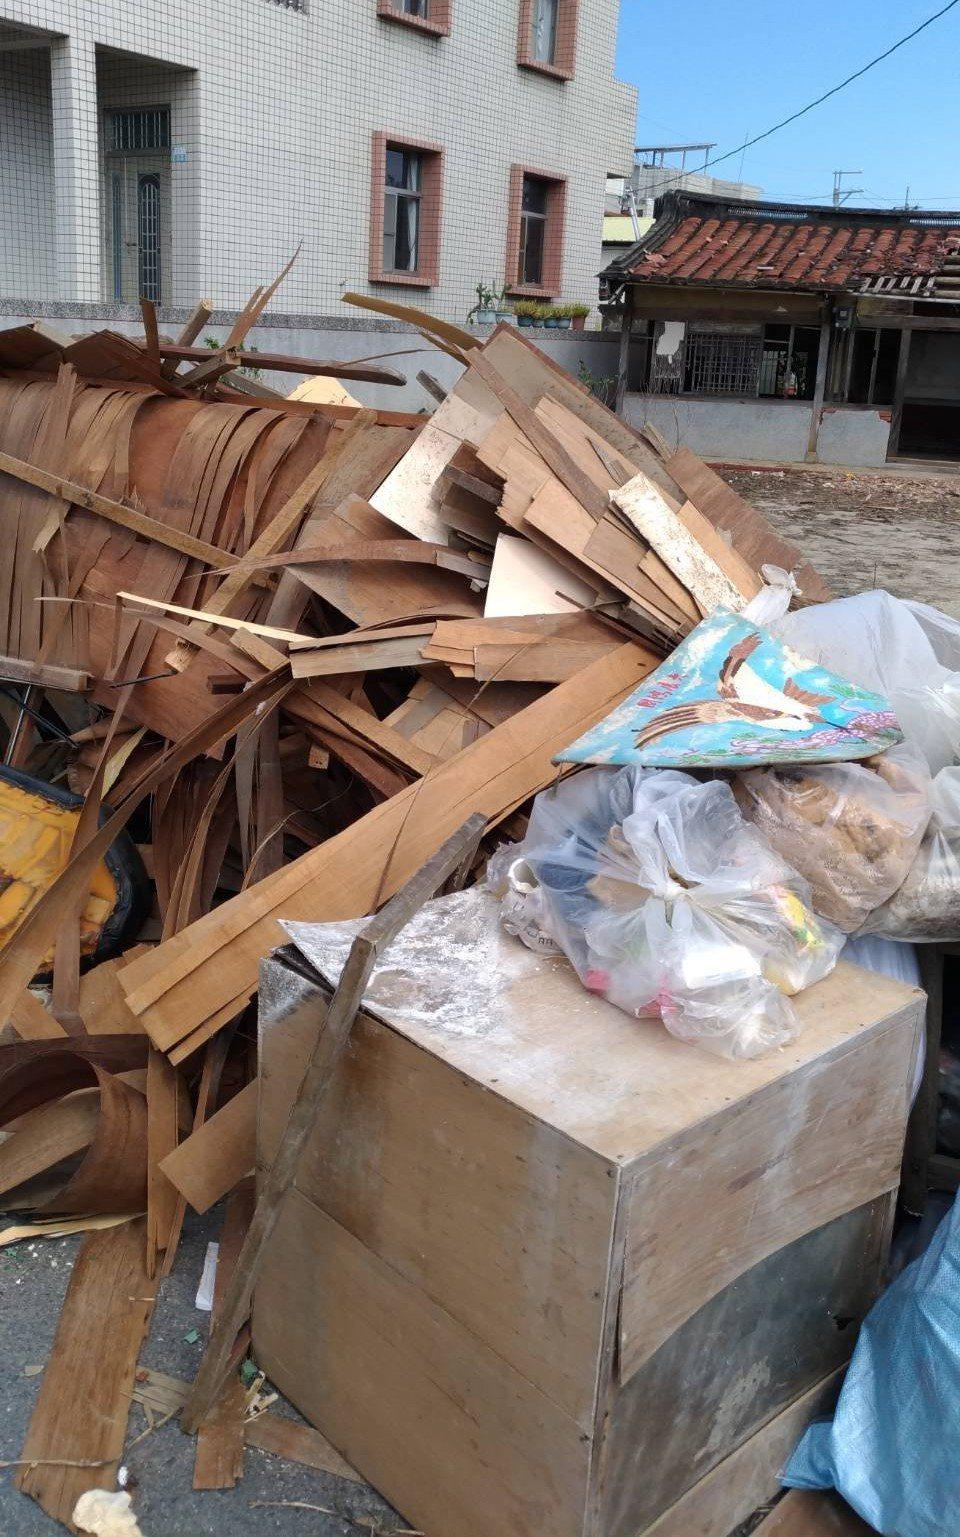 義竹鄉各村落街頭,仍堆放許多災民清理出的淹水家具。記者卜敏正/攝影